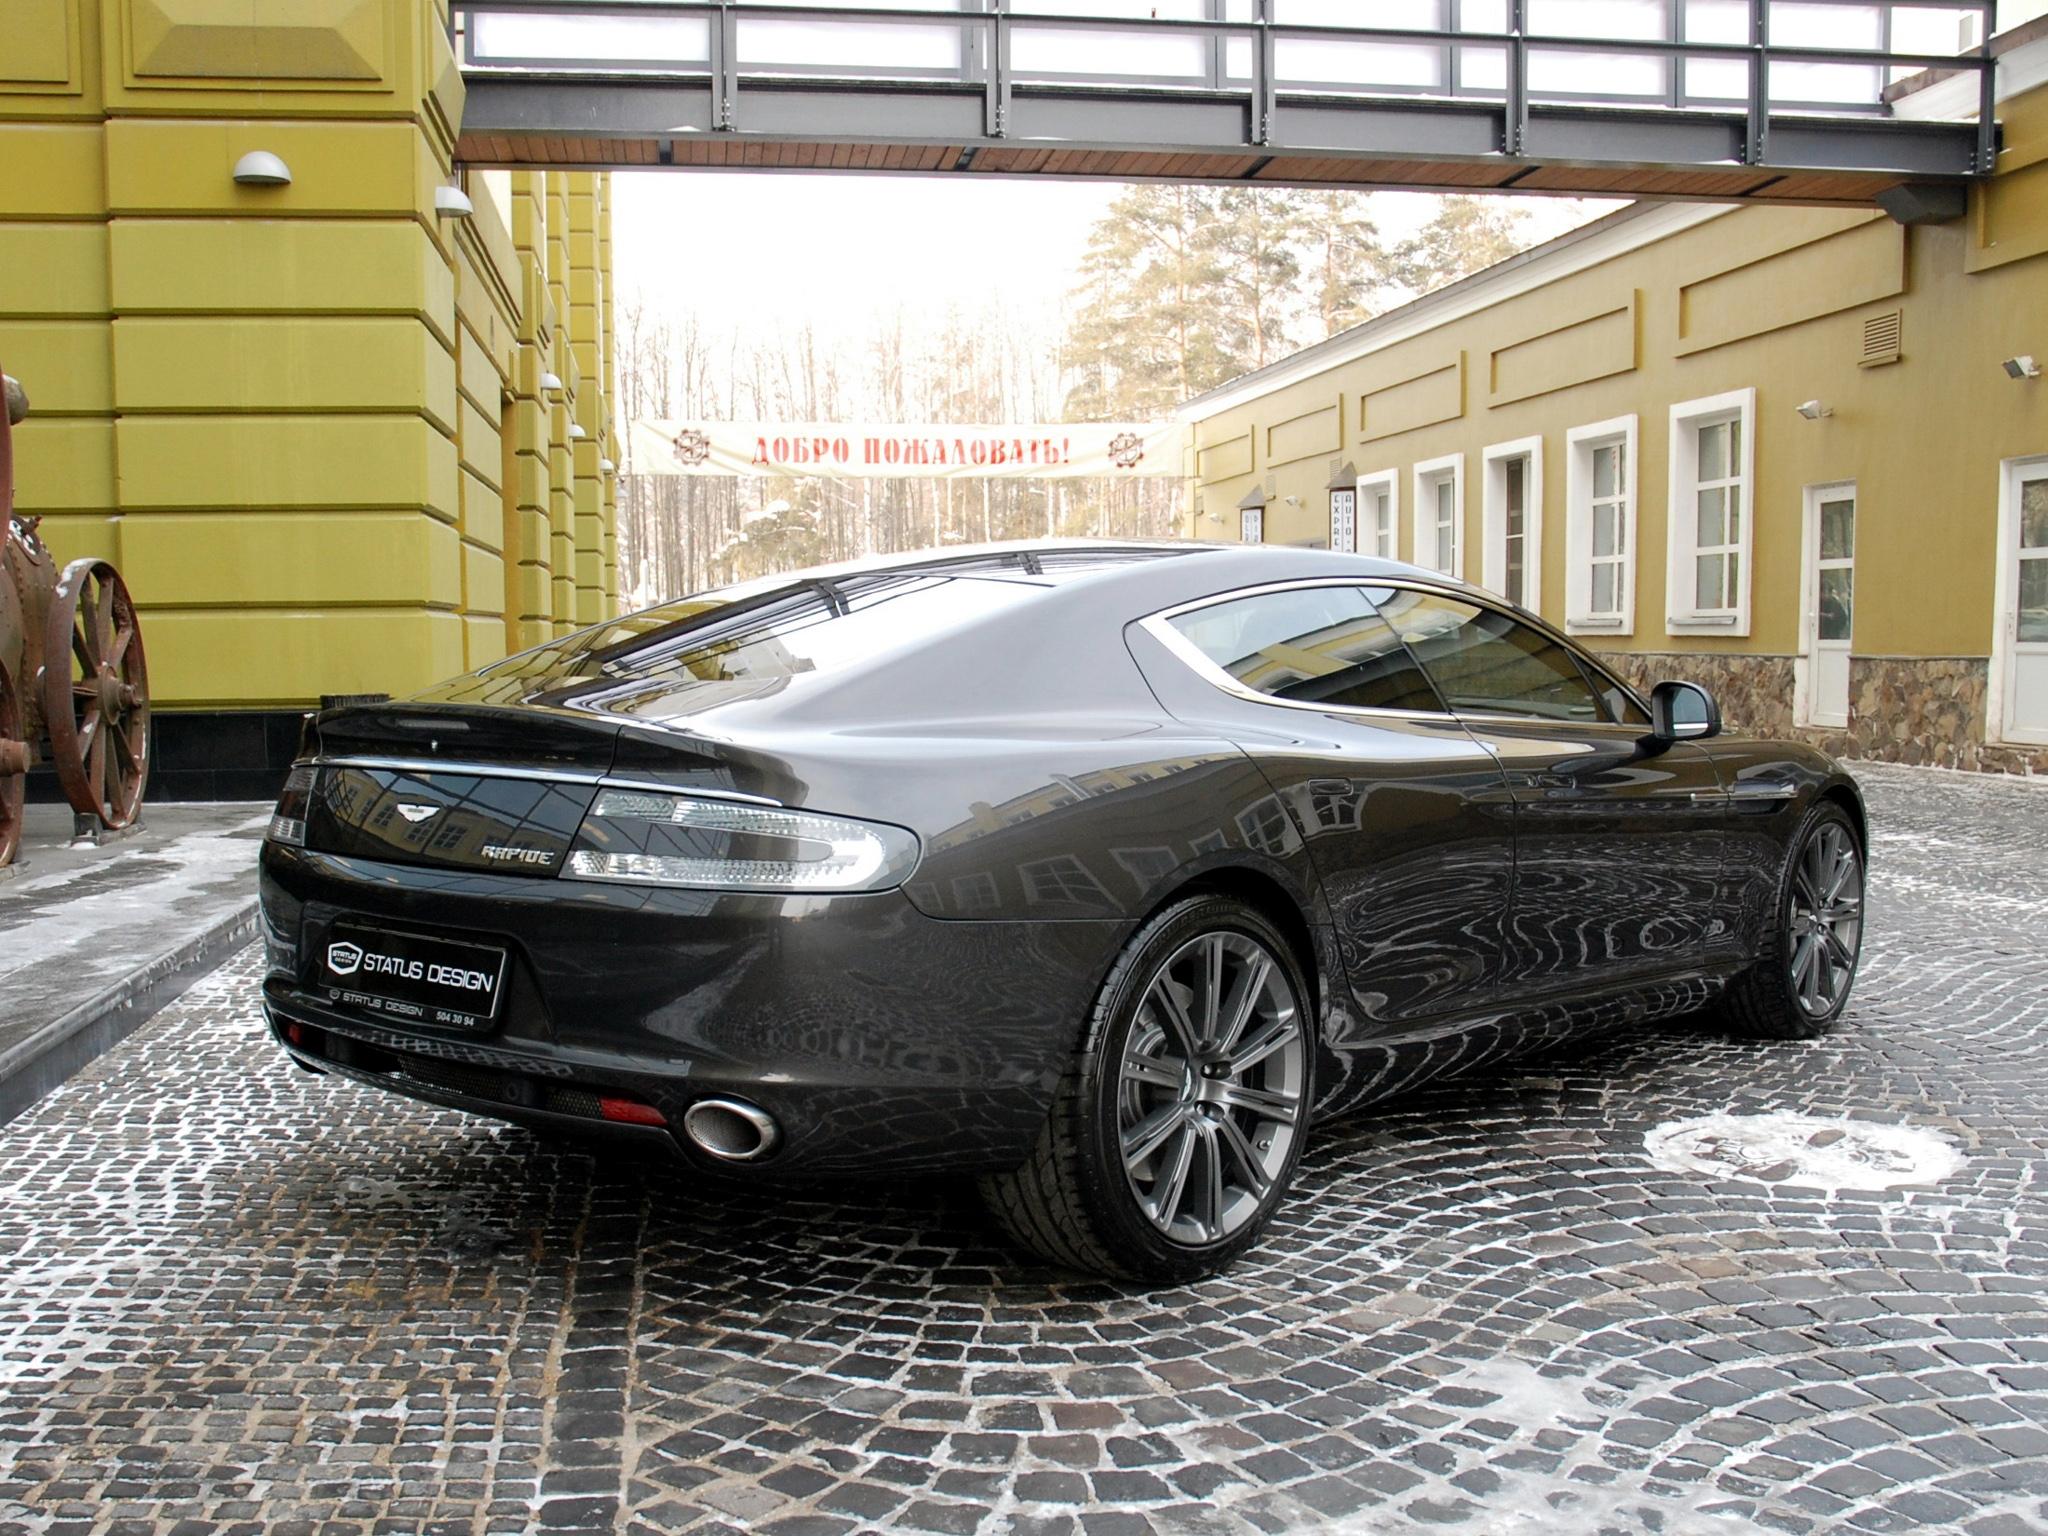 144426 скачать обои Тачки (Cars), Aston Martin Rapide, 2011, Черный, Вид Сбоку, Машины, Астон Мартин (Aston Martin), Здание - заставки и картинки бесплатно